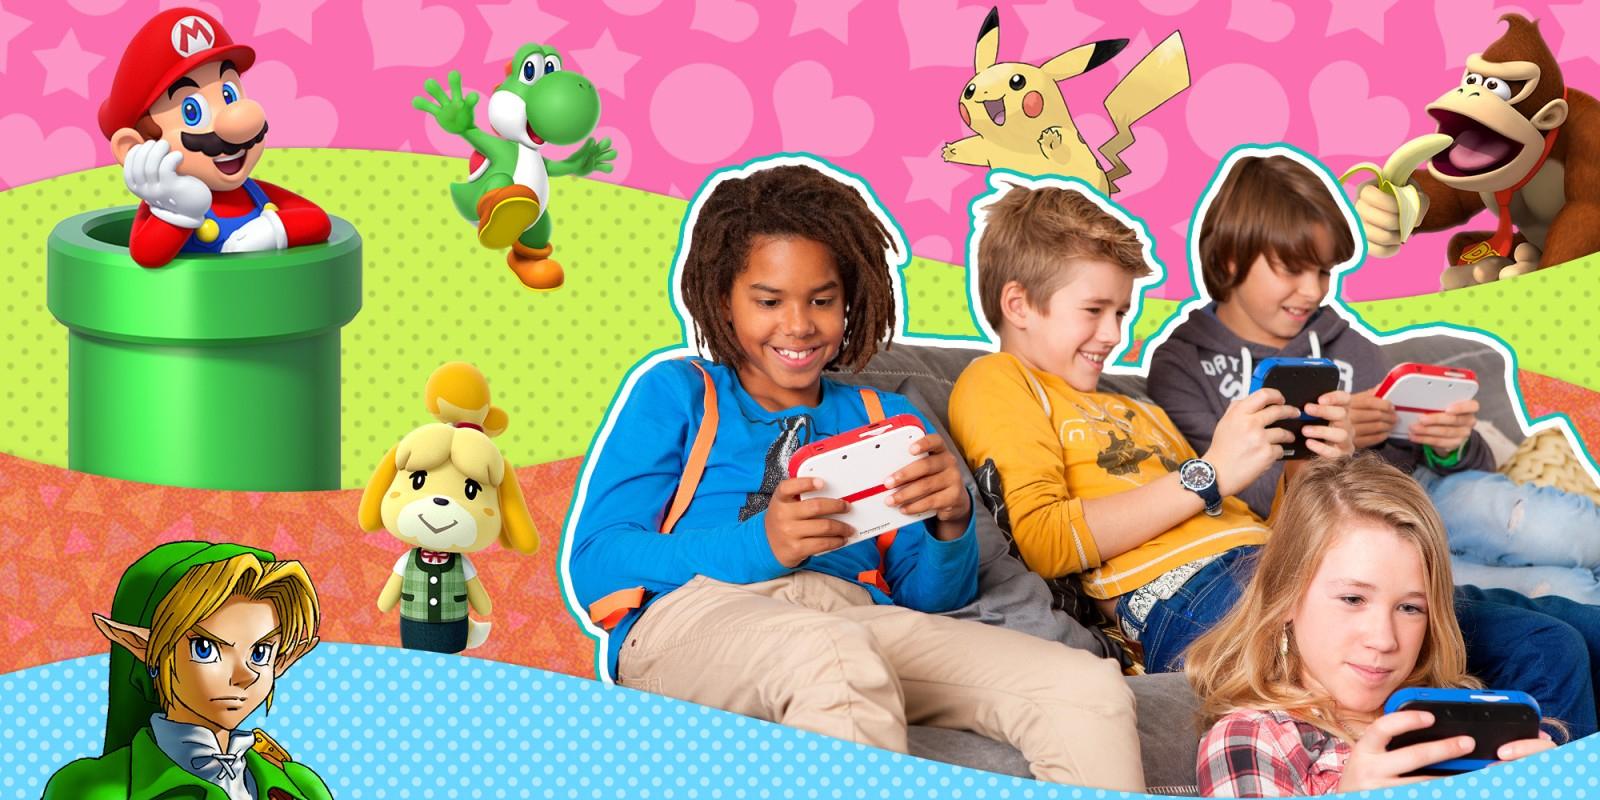 Jeux Nintendo Pour Les Enfants | Nintendo à Jeux Gratuit Enfant 3 Ans